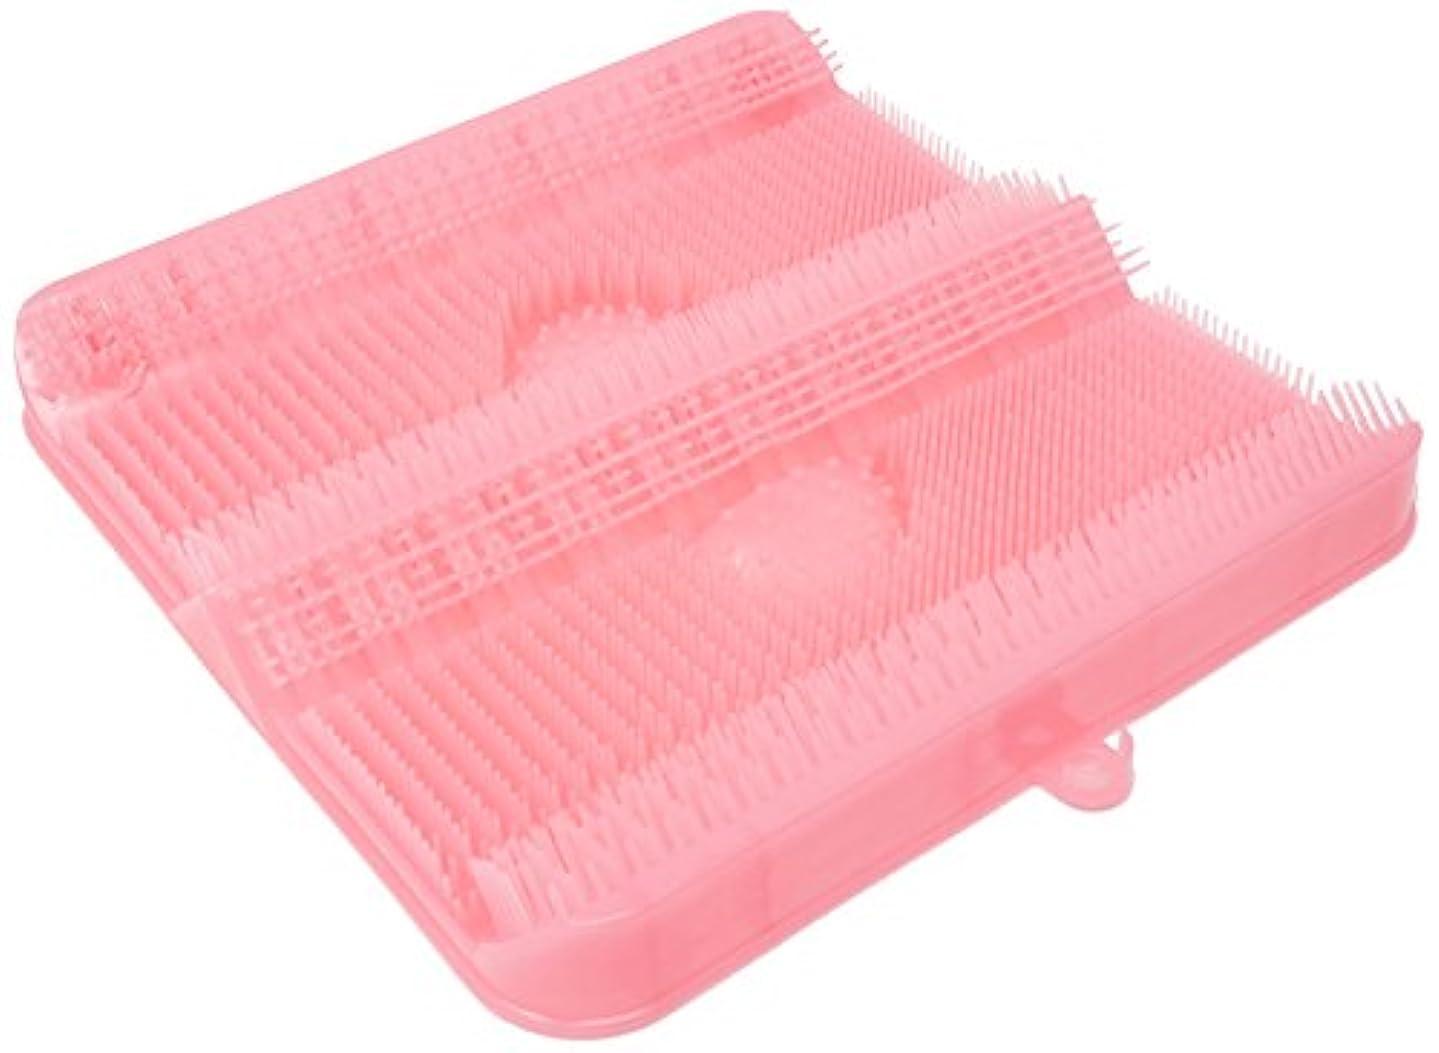 直感激怒保持するごしごし洗える!足洗いマット お風呂でスッキリ 足裏洗ったことありますか? HB-2814?ピンク